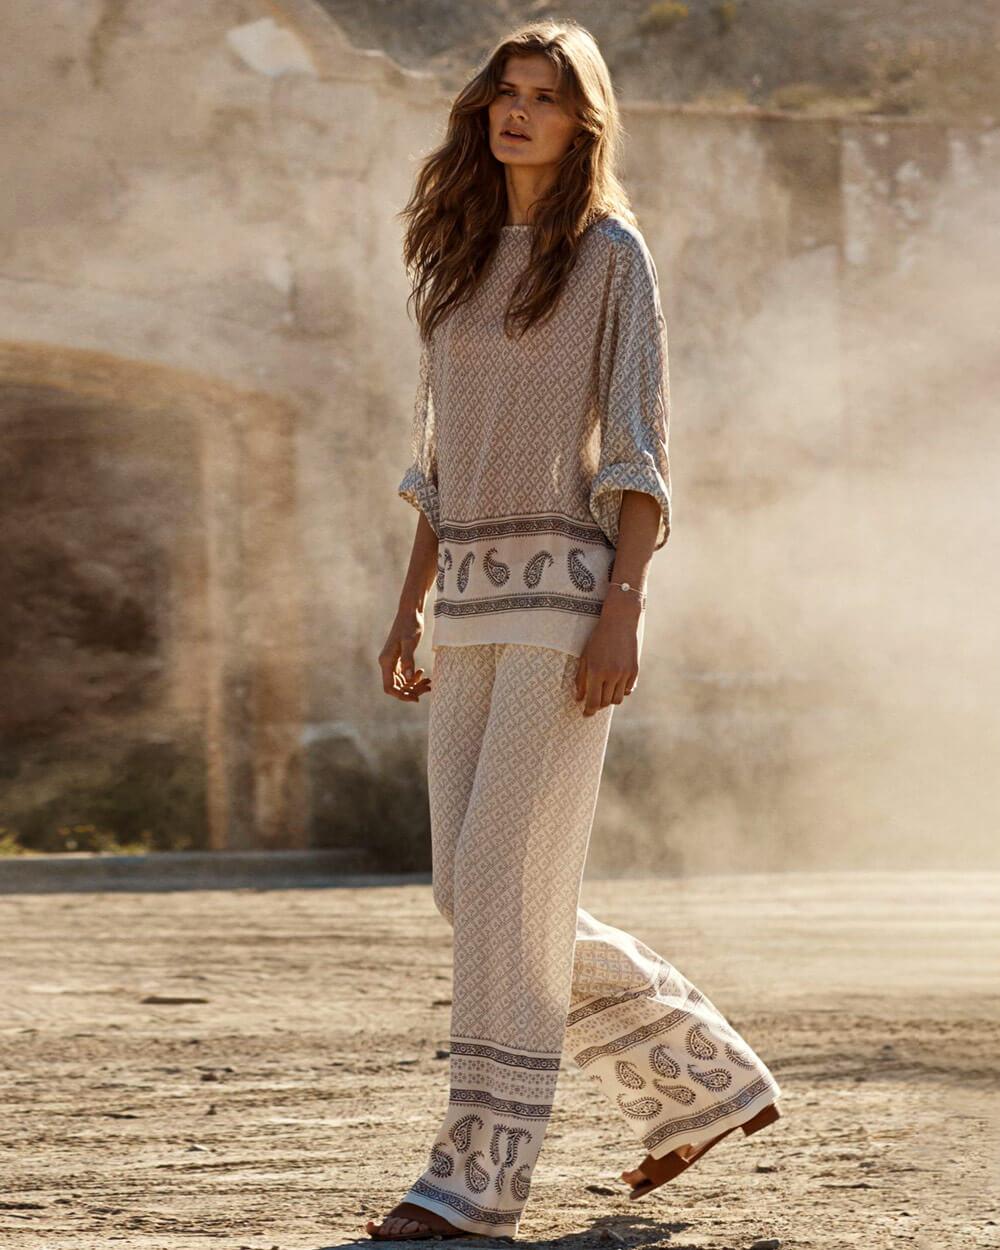 H&M boho style clothing stores like Anthropologie